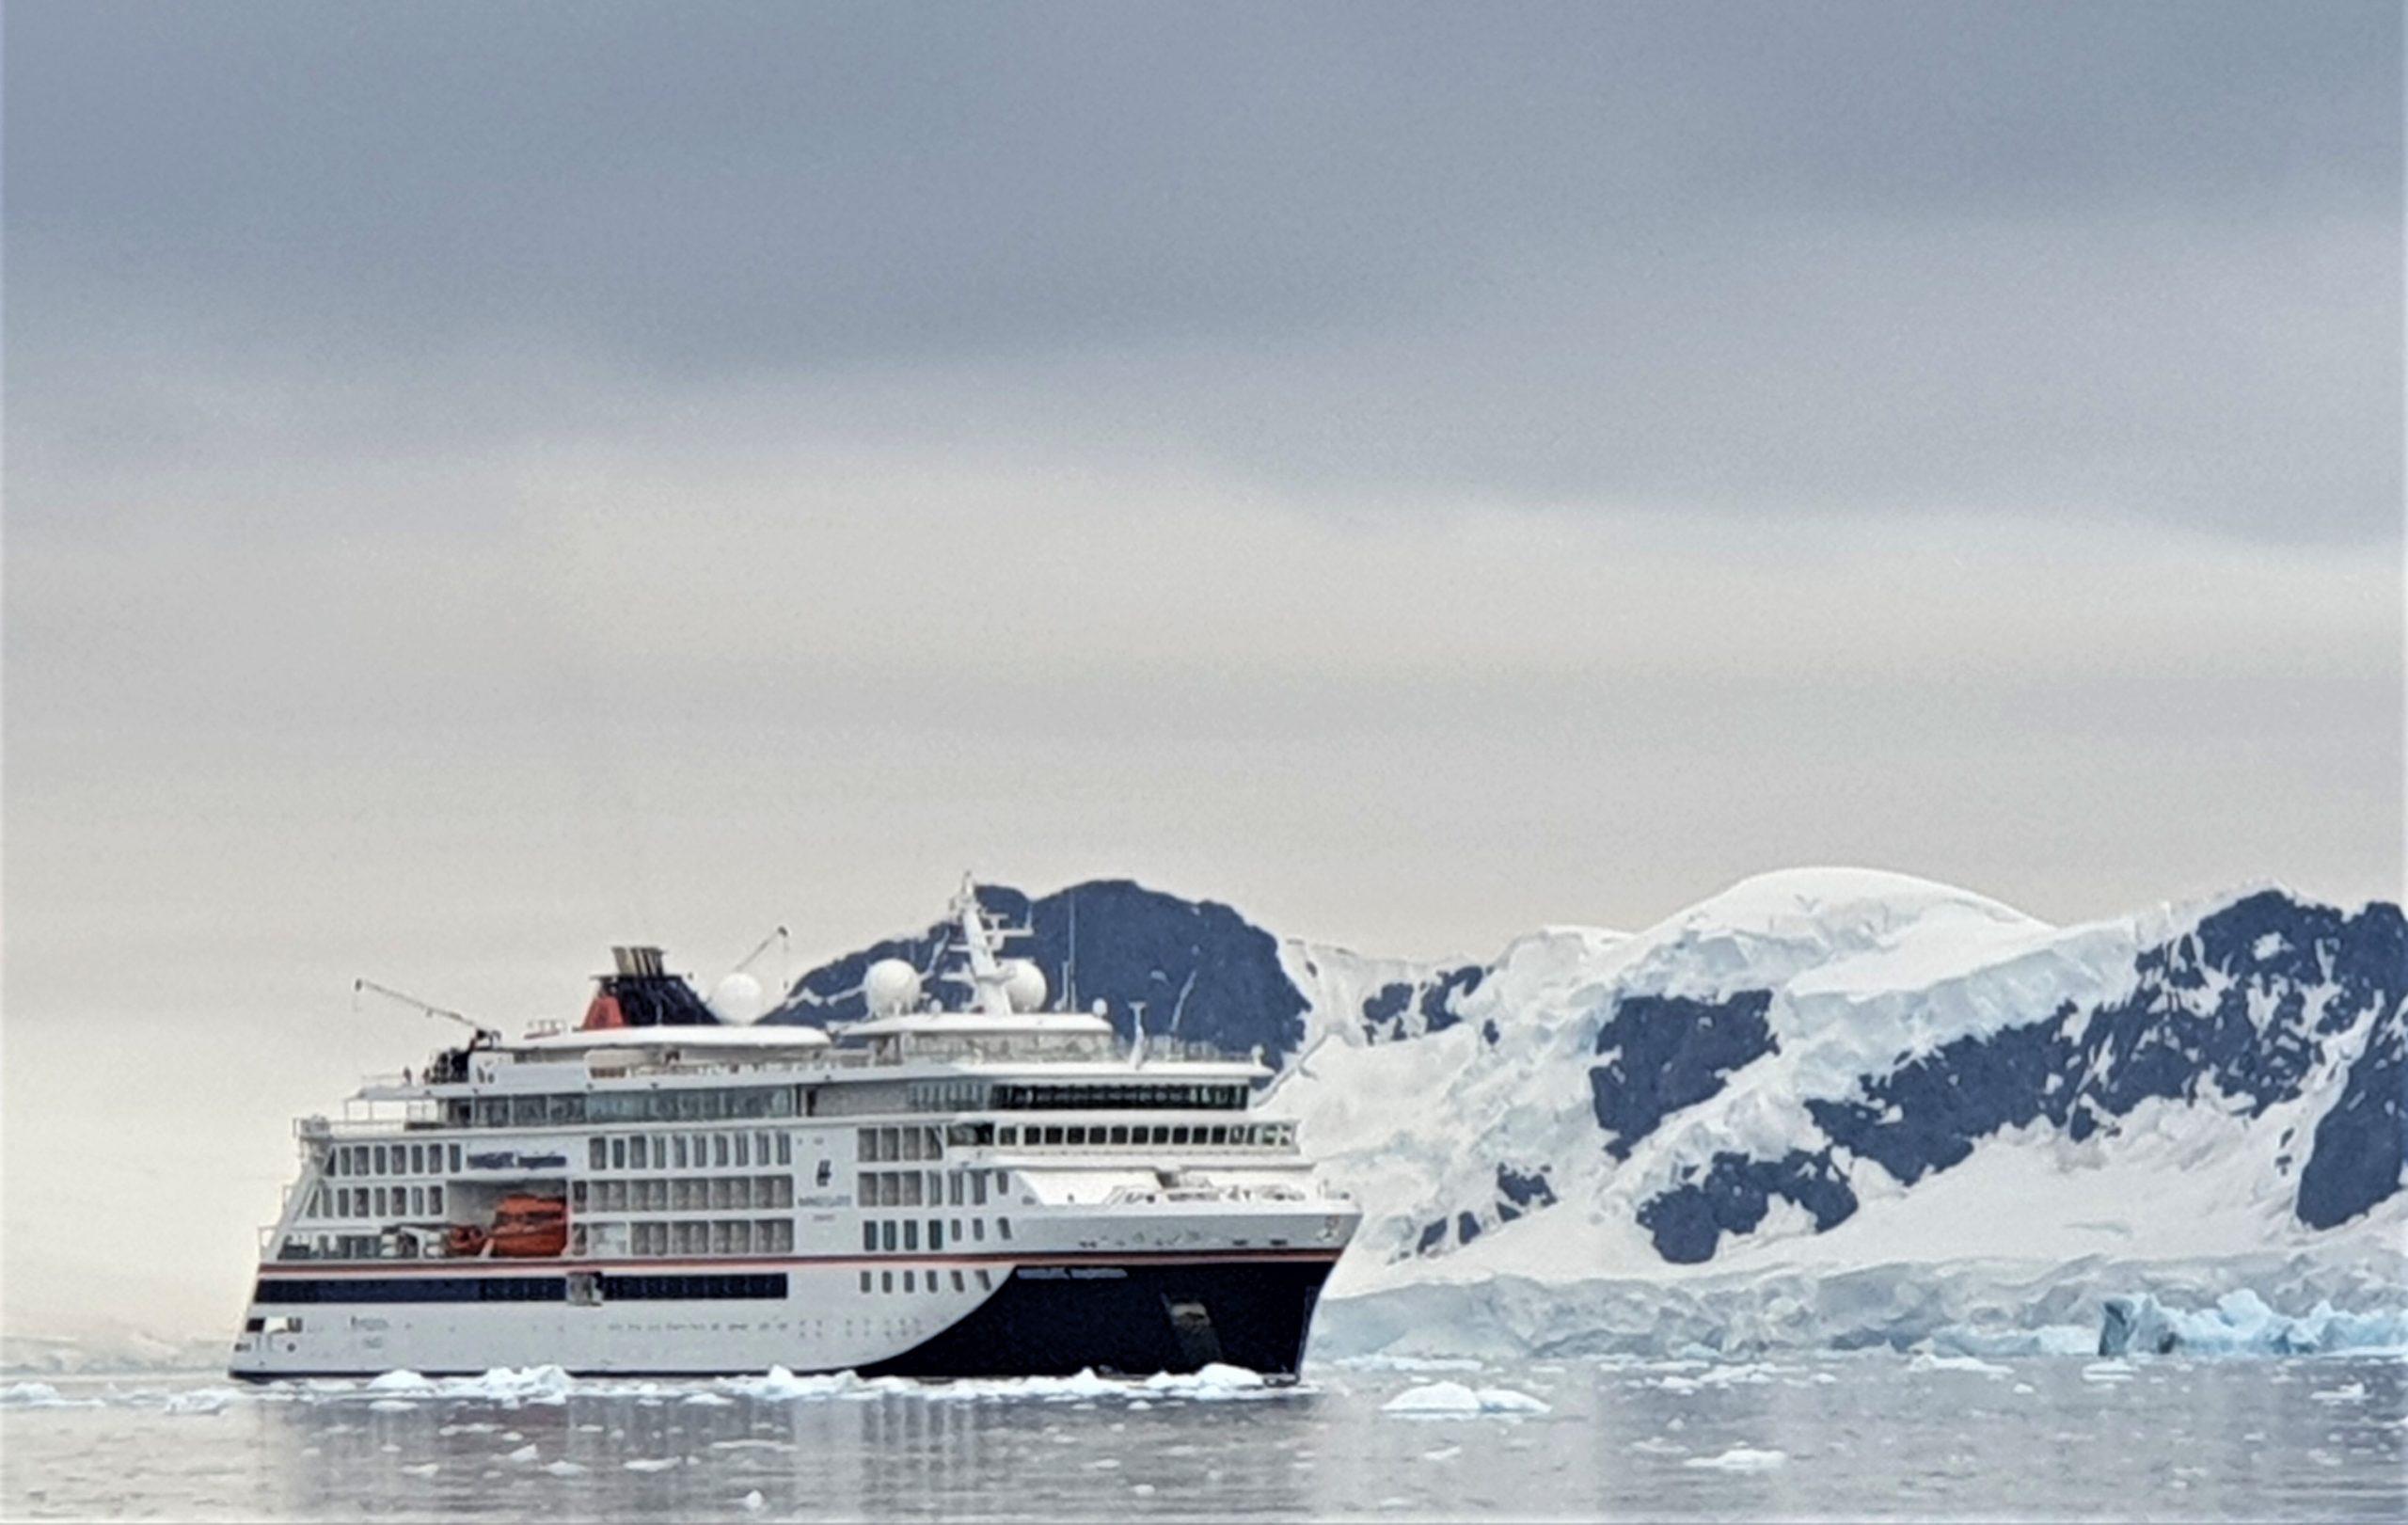 Reportage einer Expeditionskreuzfahrt mit der HANSEATIC inspiration in die Antarktis, nach Südgeorgien und zu den Falklands mit großartigen Tierfotos.